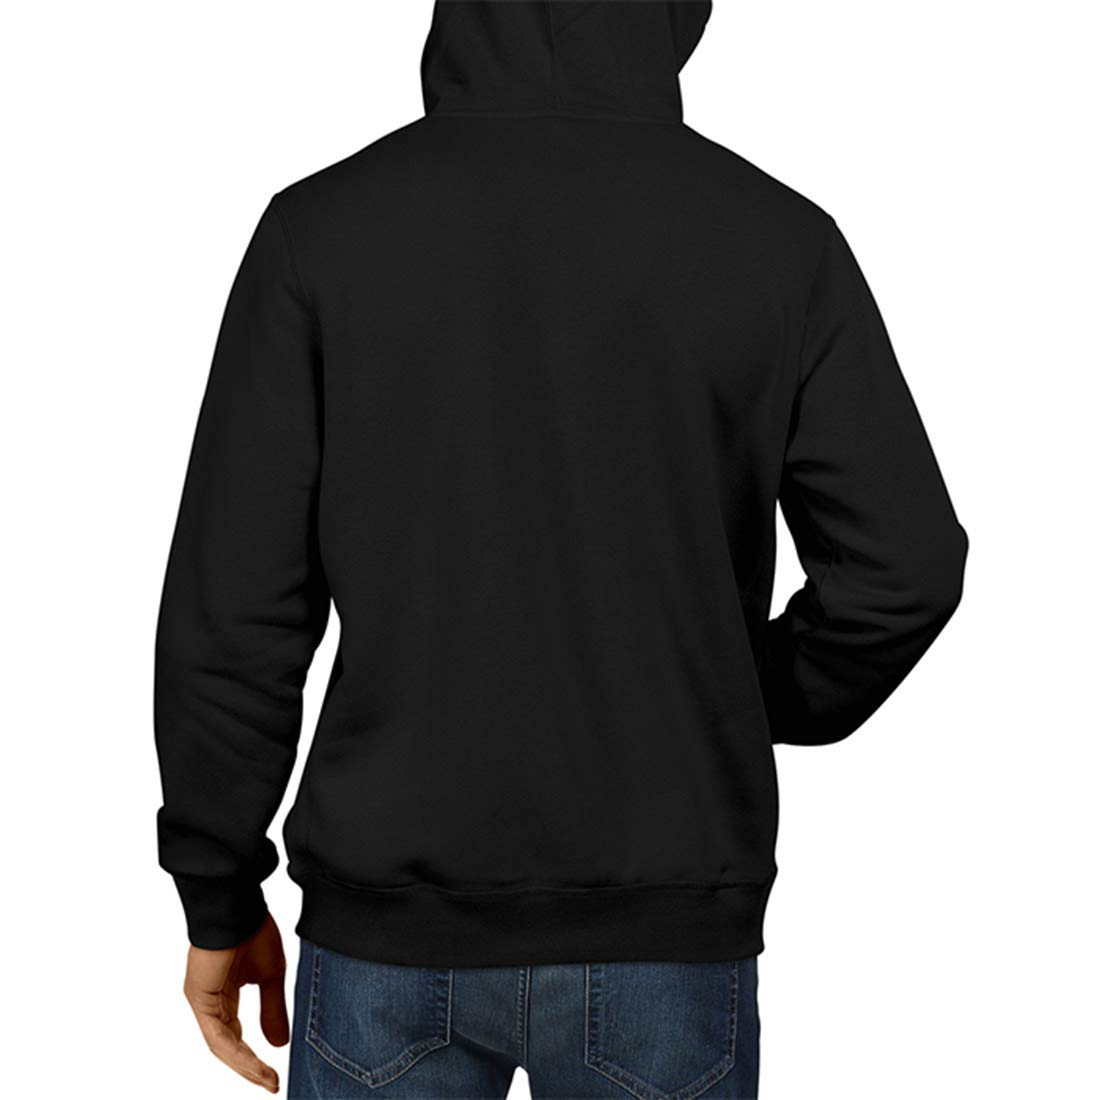 Gaming Sweatshirt Jacket Fashion And Youth Dota 2 Logo Black Gaming Hoodie